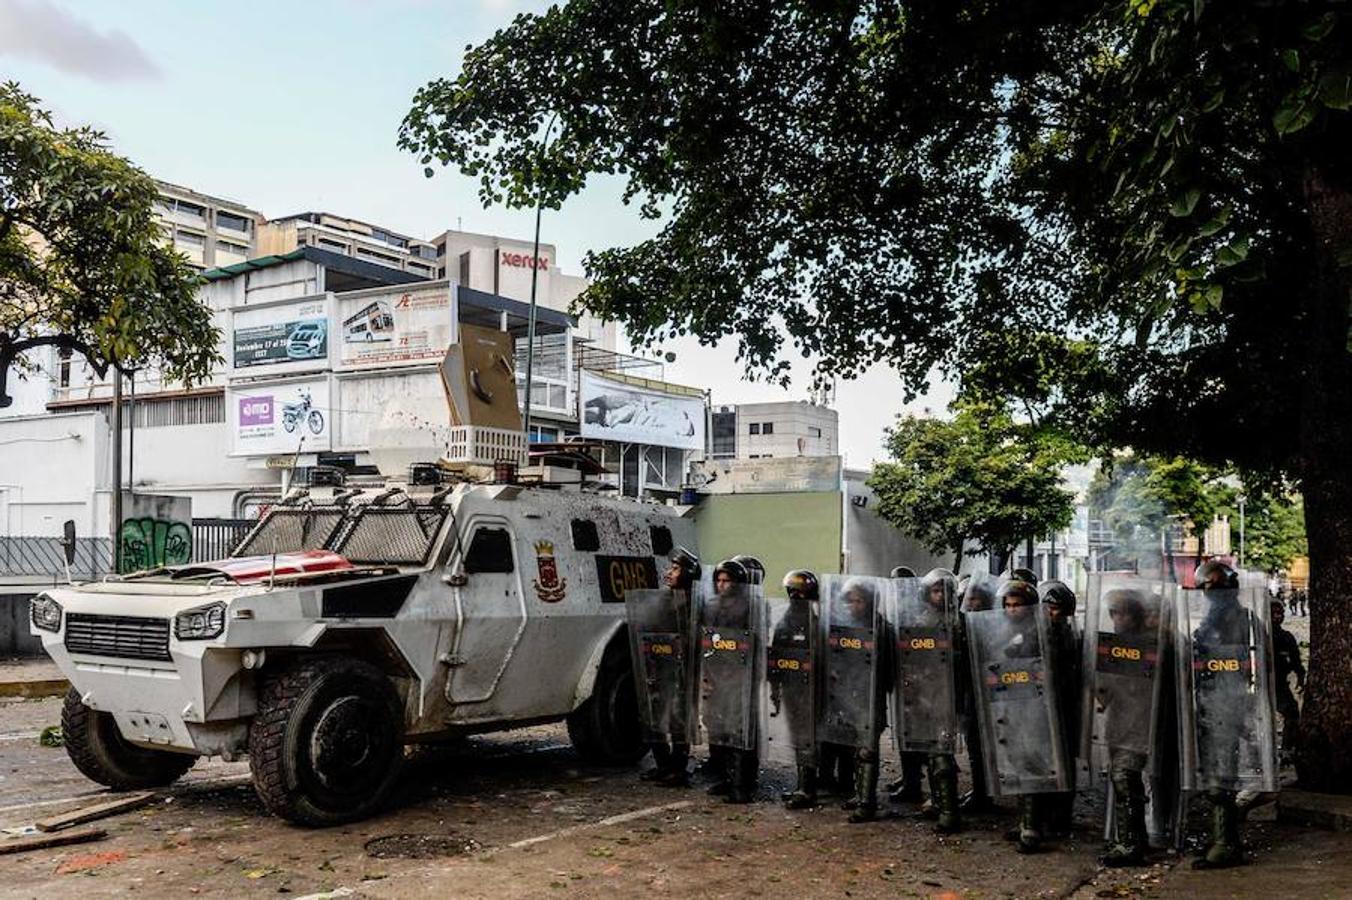 https://i1.wp.com/www.abc.es/media/MM/2017/07/27/huelga-general-venezuela34-U10109771206xc--1352x900@abc.jpg